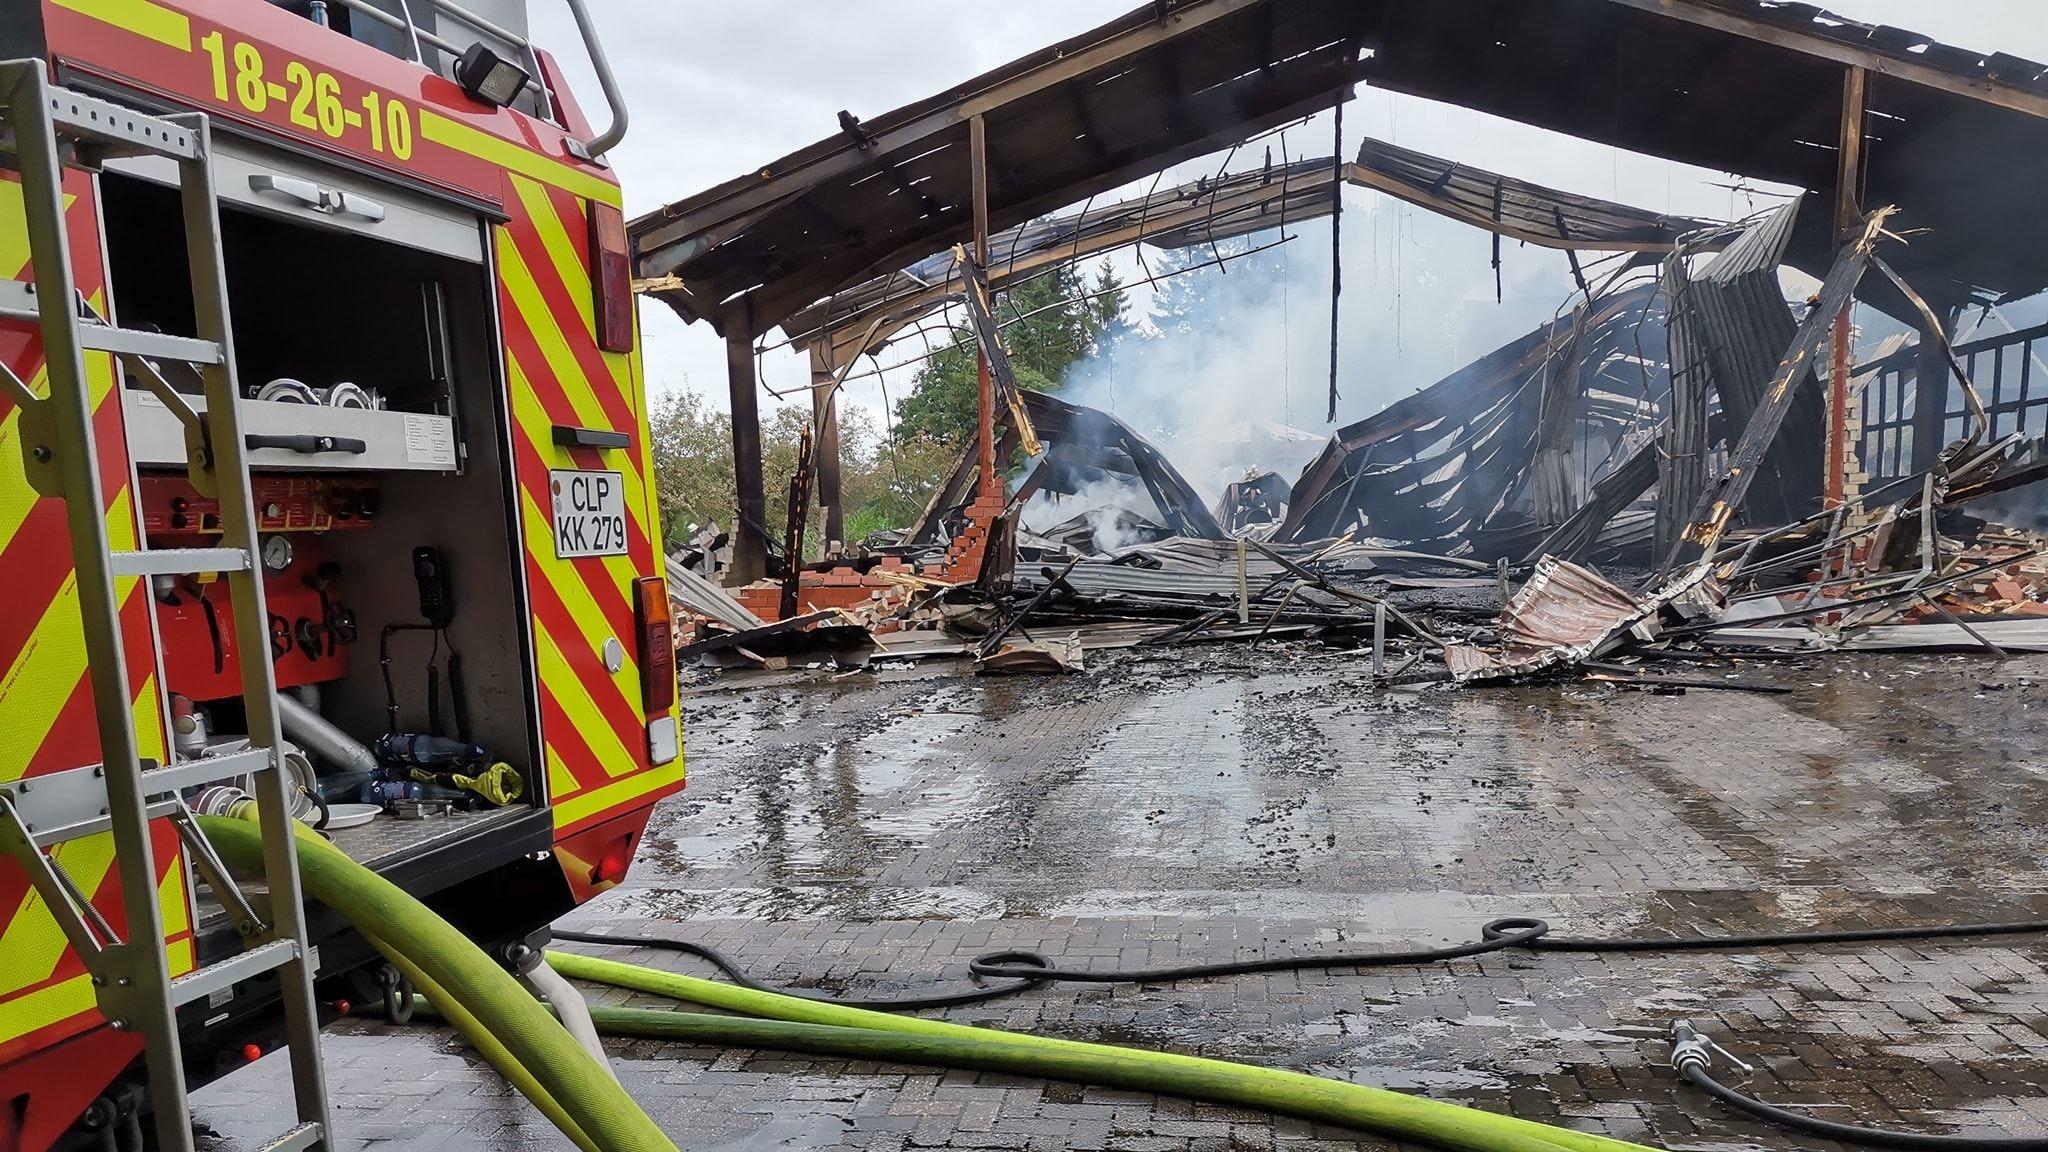 Foto: Freiwillige Feuerwehr Cloppenburg